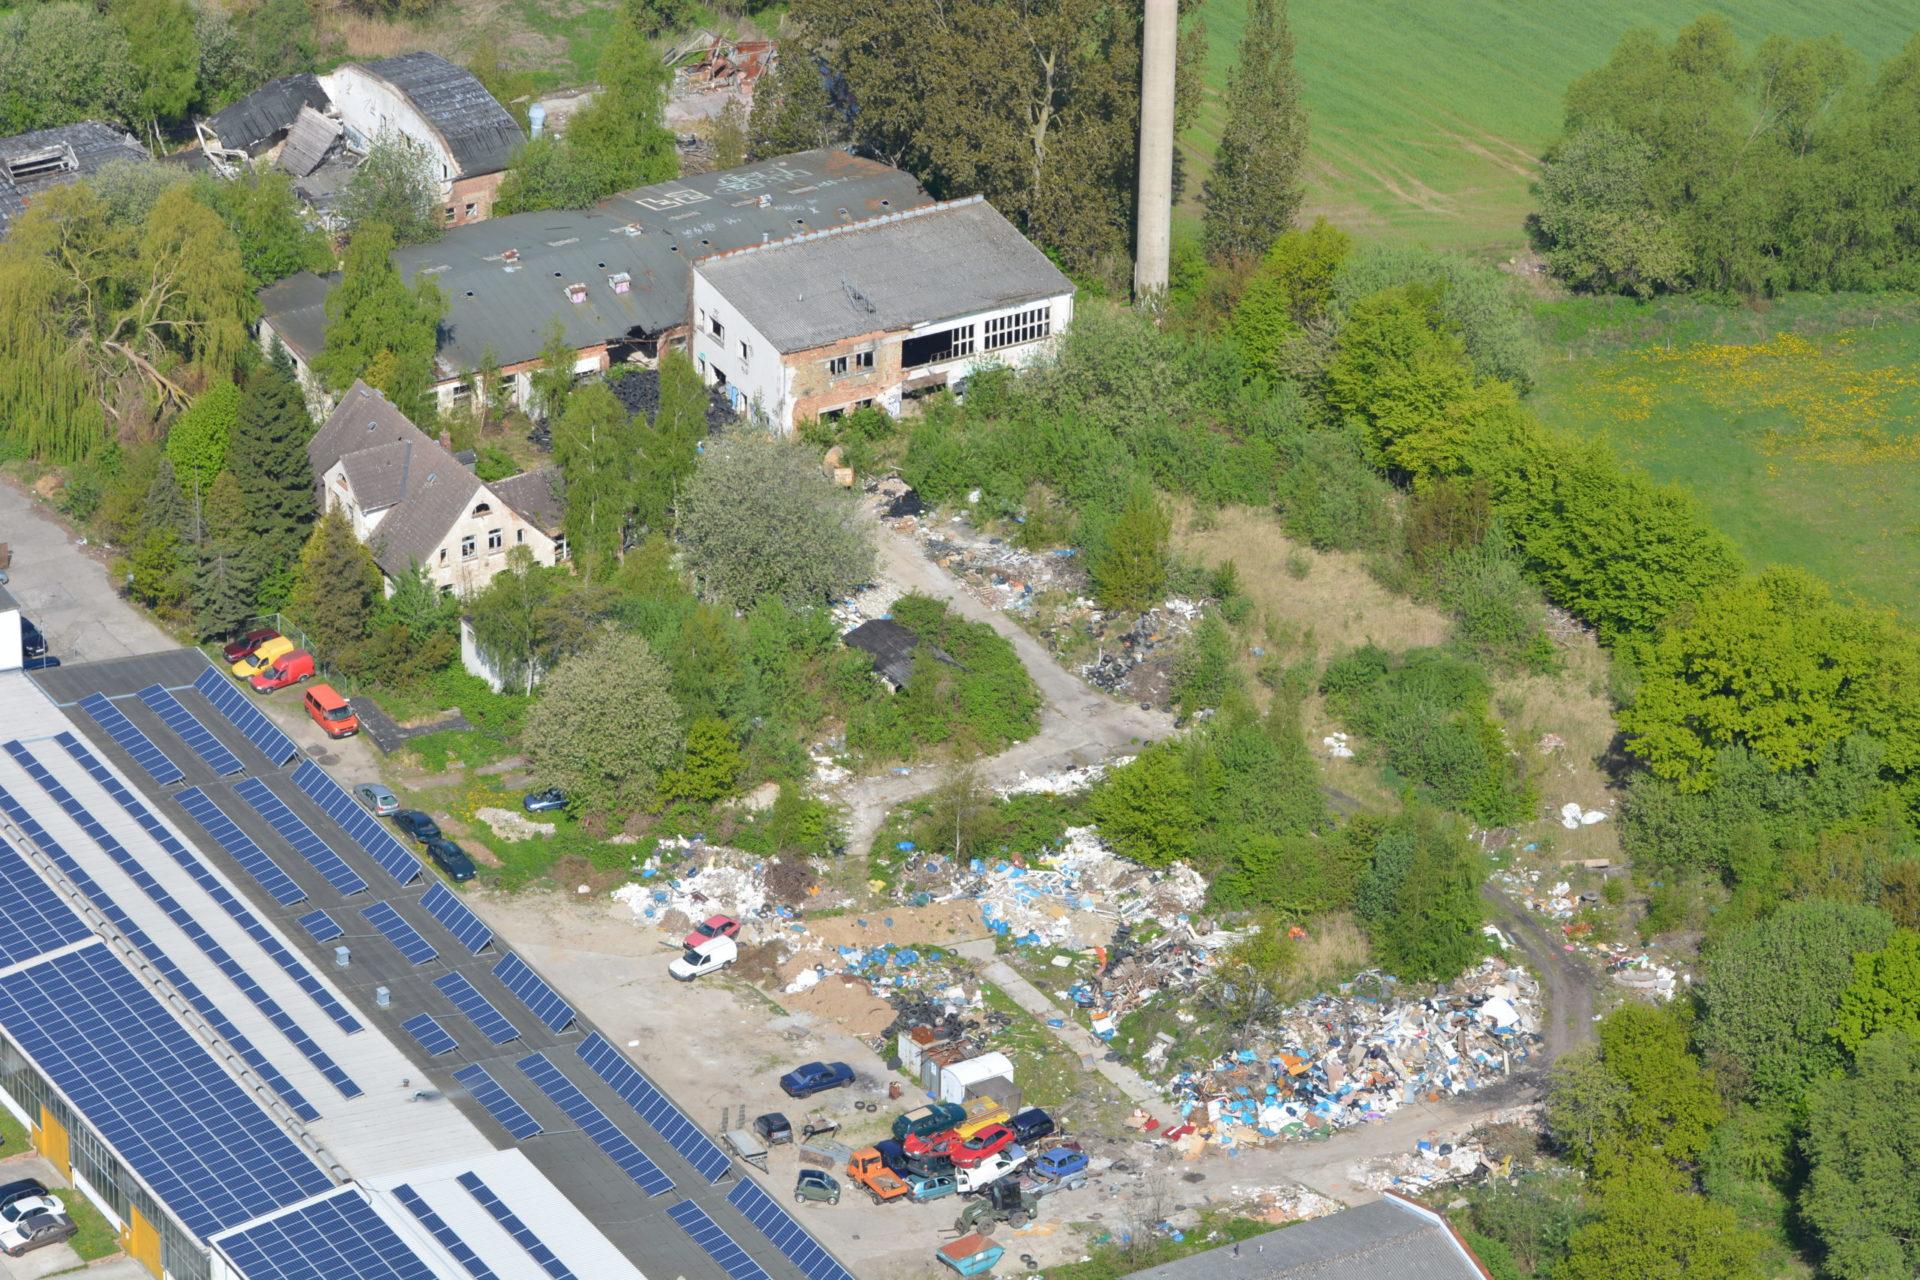 Doberan-Heiligendamm_20er_Chemiefabrik-Ruine